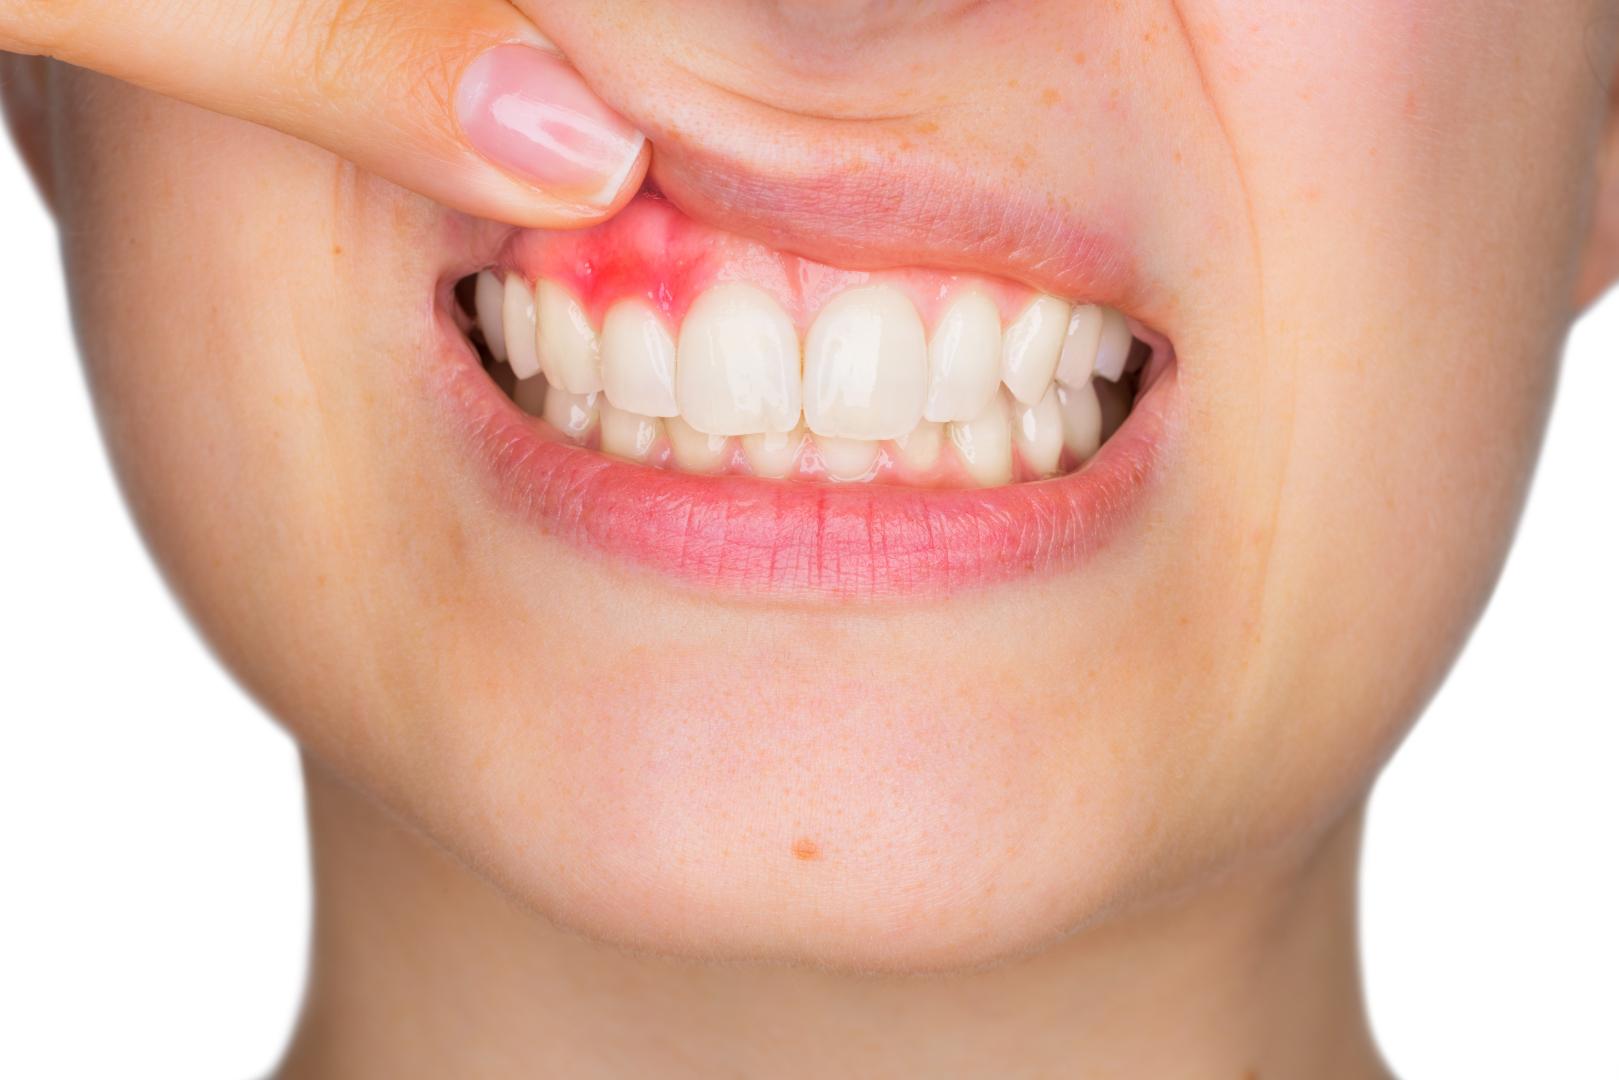 Diş Eti Neden Şişer? Diş Eti Şişmesi Hastalık Belirtisi Midir?     Minepol